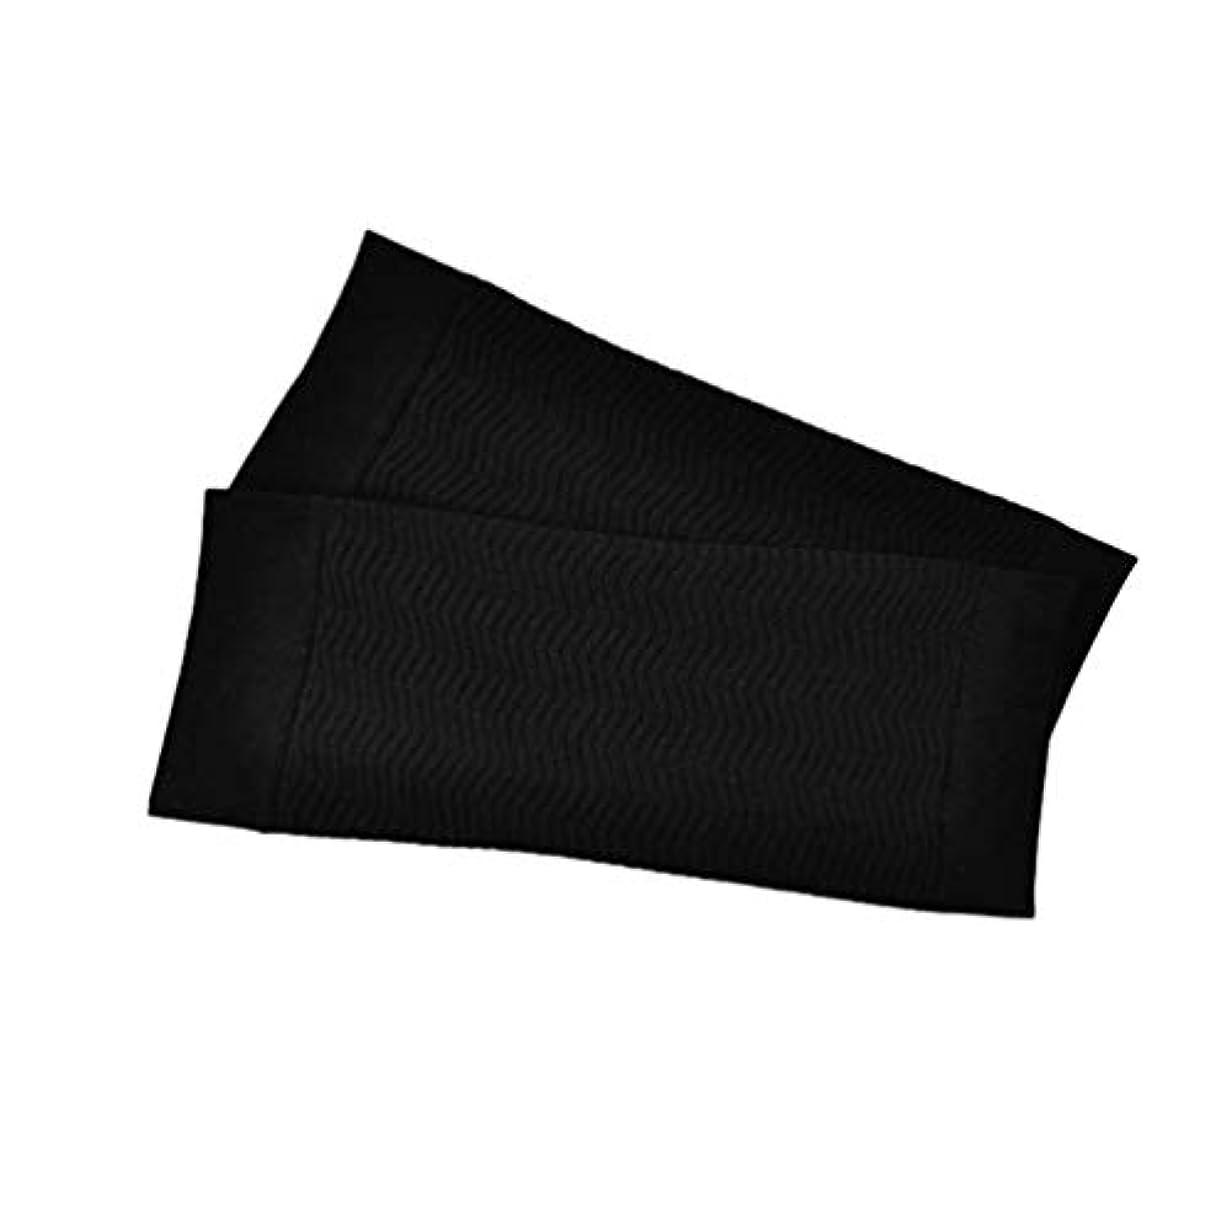 または偽物チート1ペア680 D圧縮アームシェイパーワークアウトトーニングバーンセルライトスリミングアームスリーブ脂肪燃焼半袖用女性 - ブラック